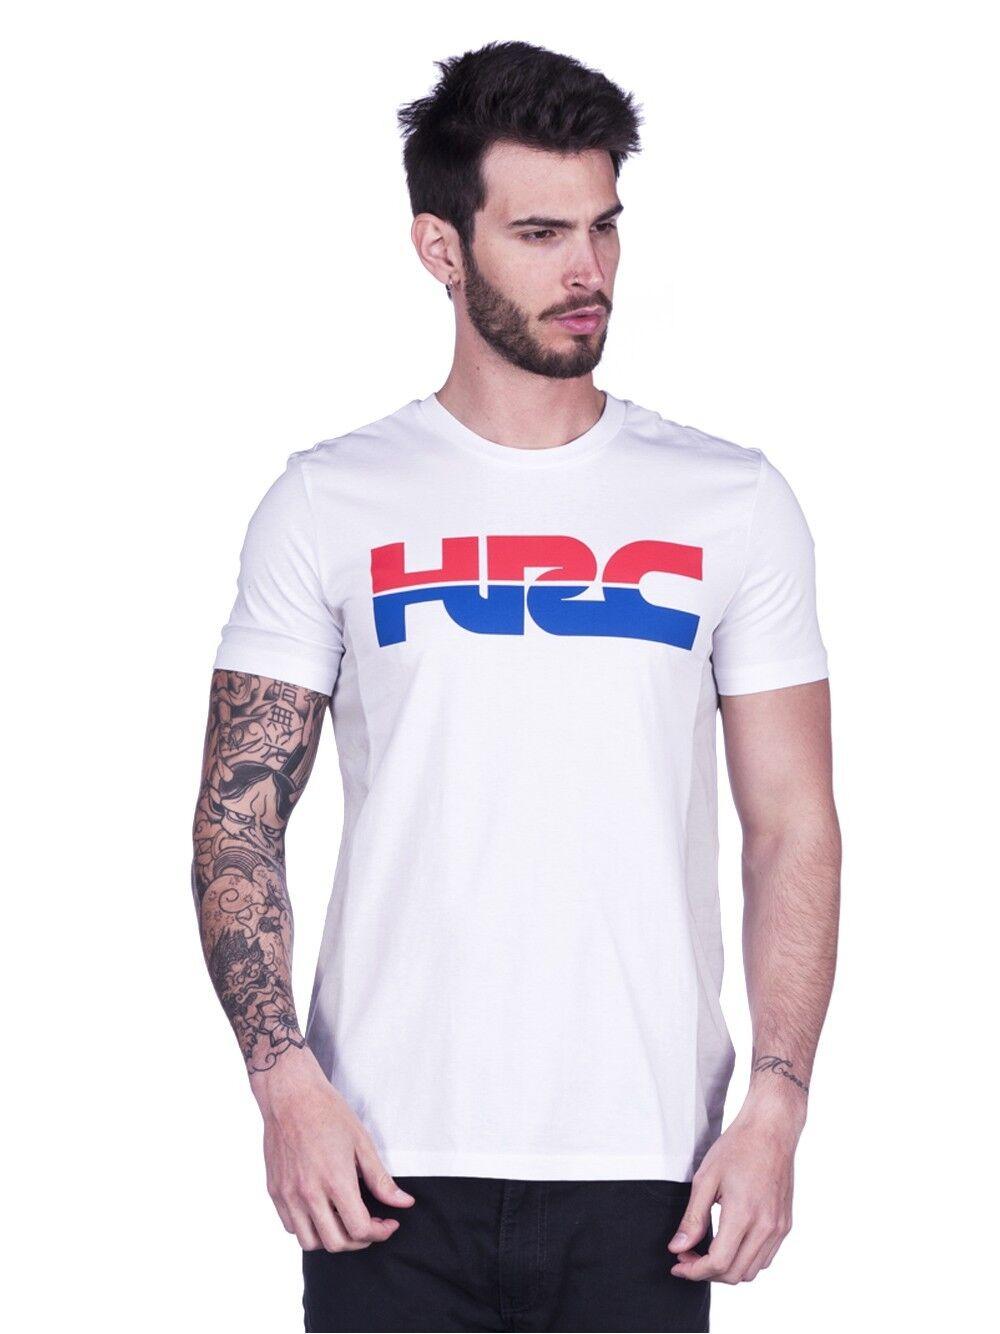 2017 Official HRC Racing T Shirt Shirt Shirt -  17 38005 | Verschiedene  | Mangelware  bca12e